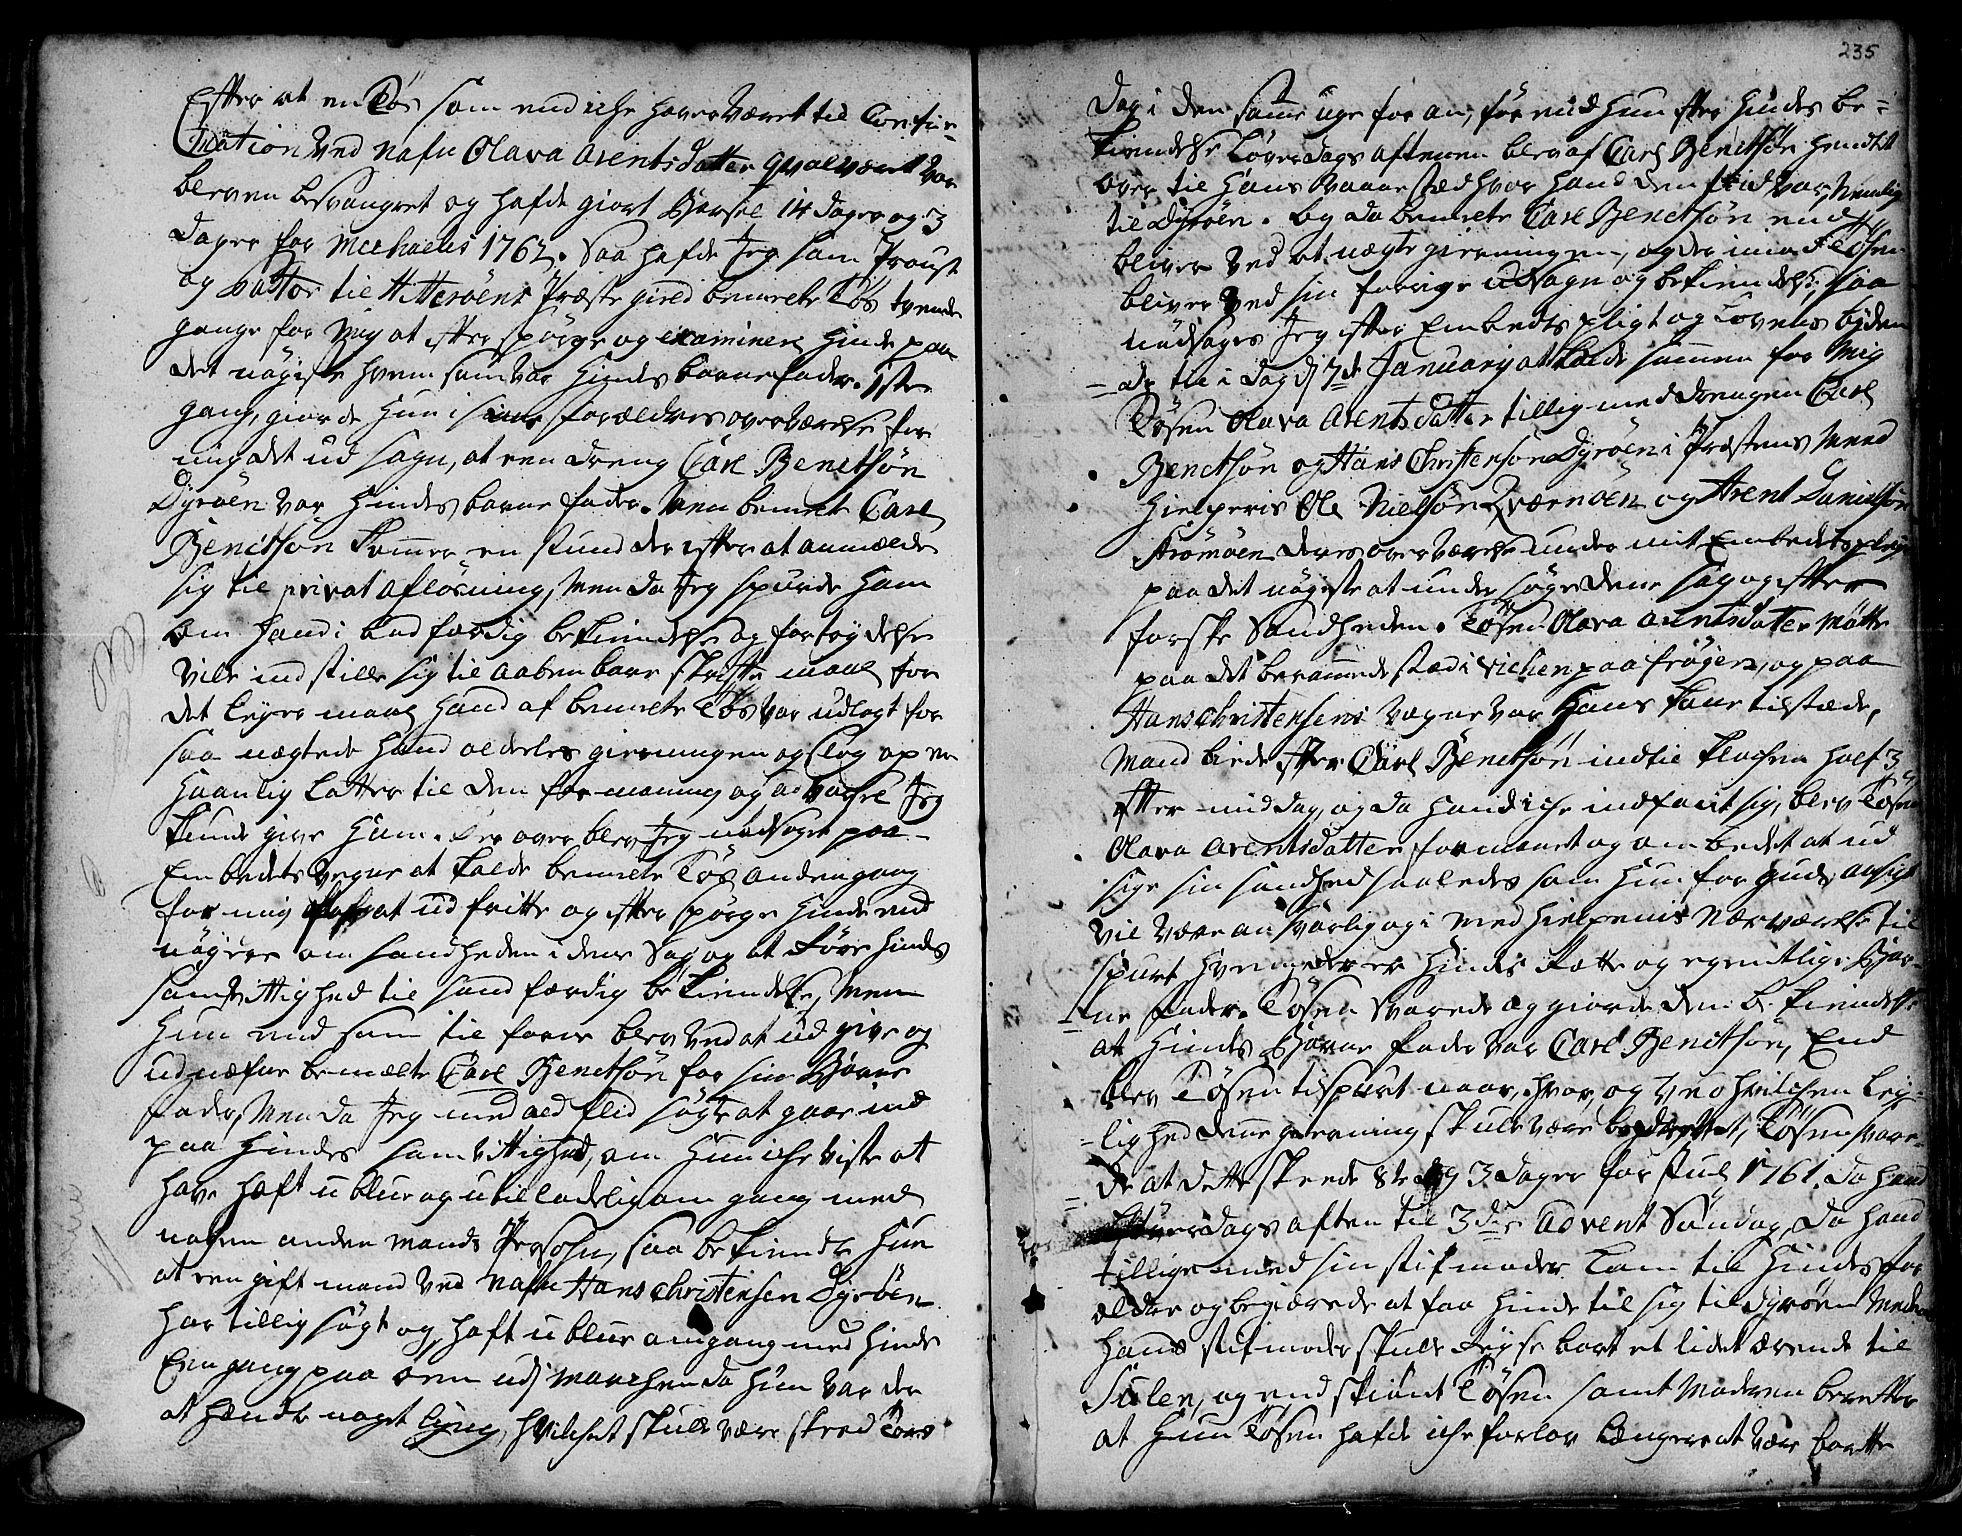 SAT, Ministerialprotokoller, klokkerbøker og fødselsregistre - Sør-Trøndelag, 634/L0525: Ministerialbok nr. 634A01, 1736-1775, s. 235